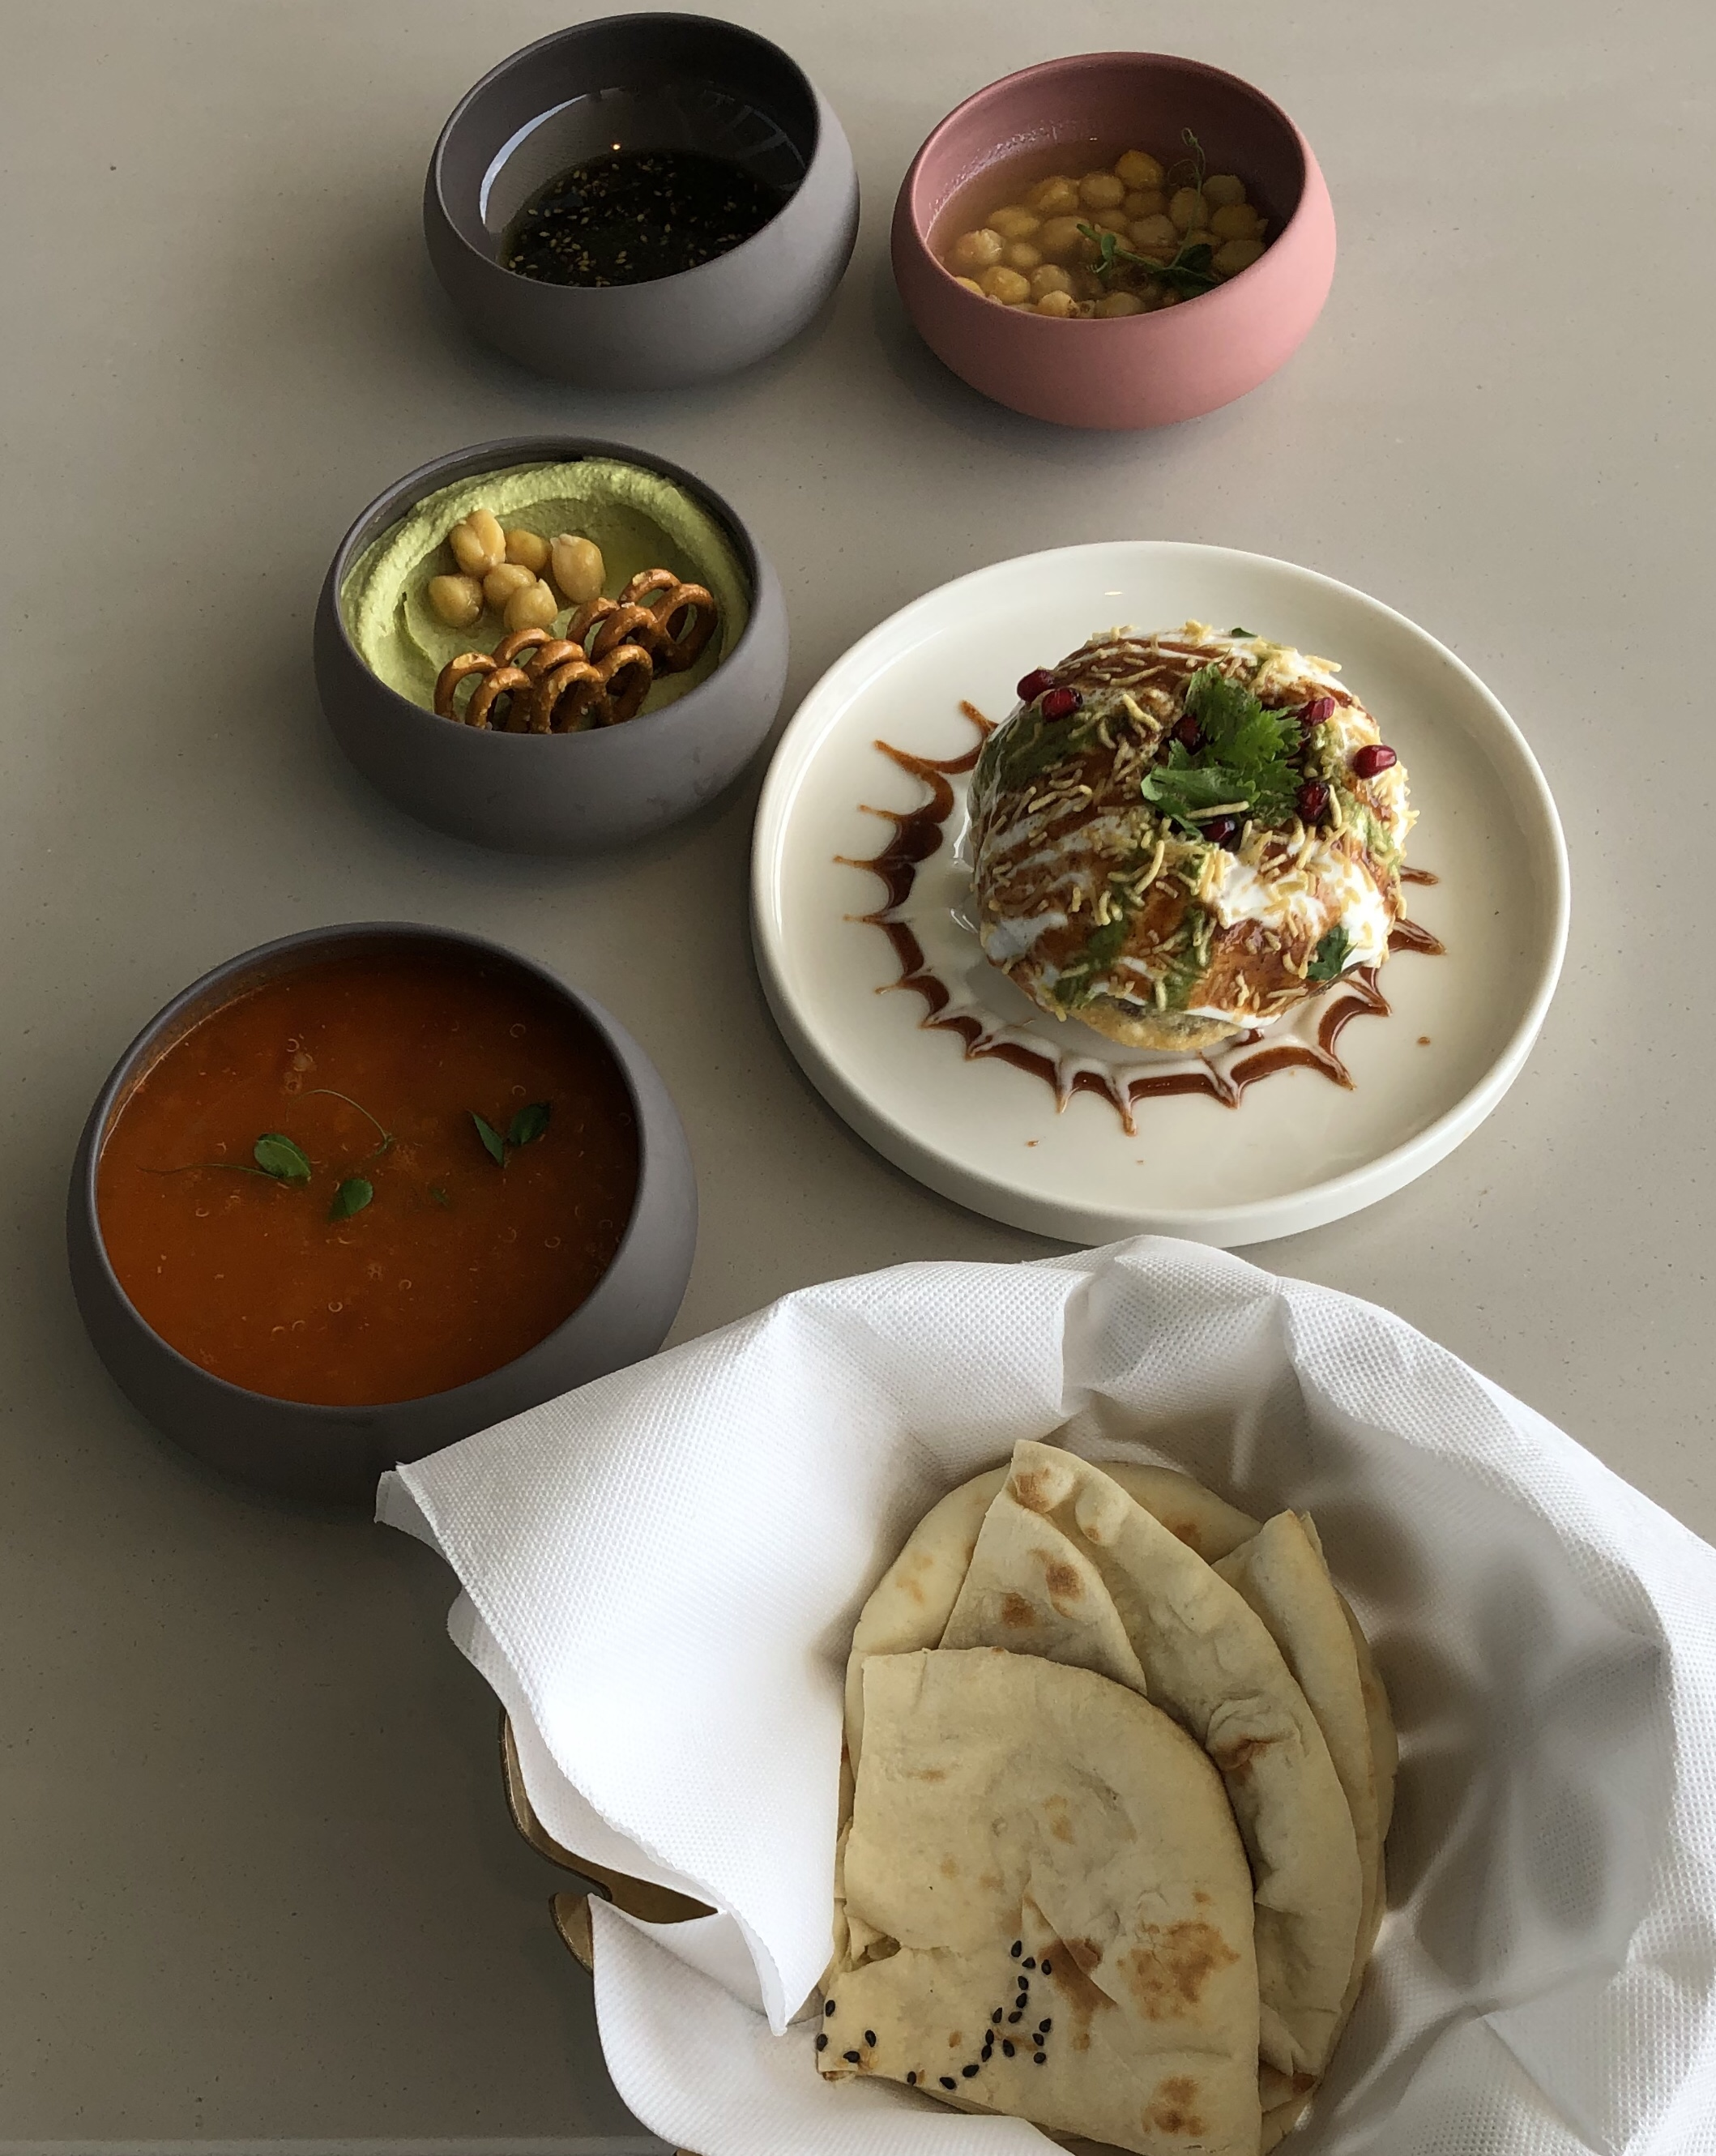 Jalapeño hummus